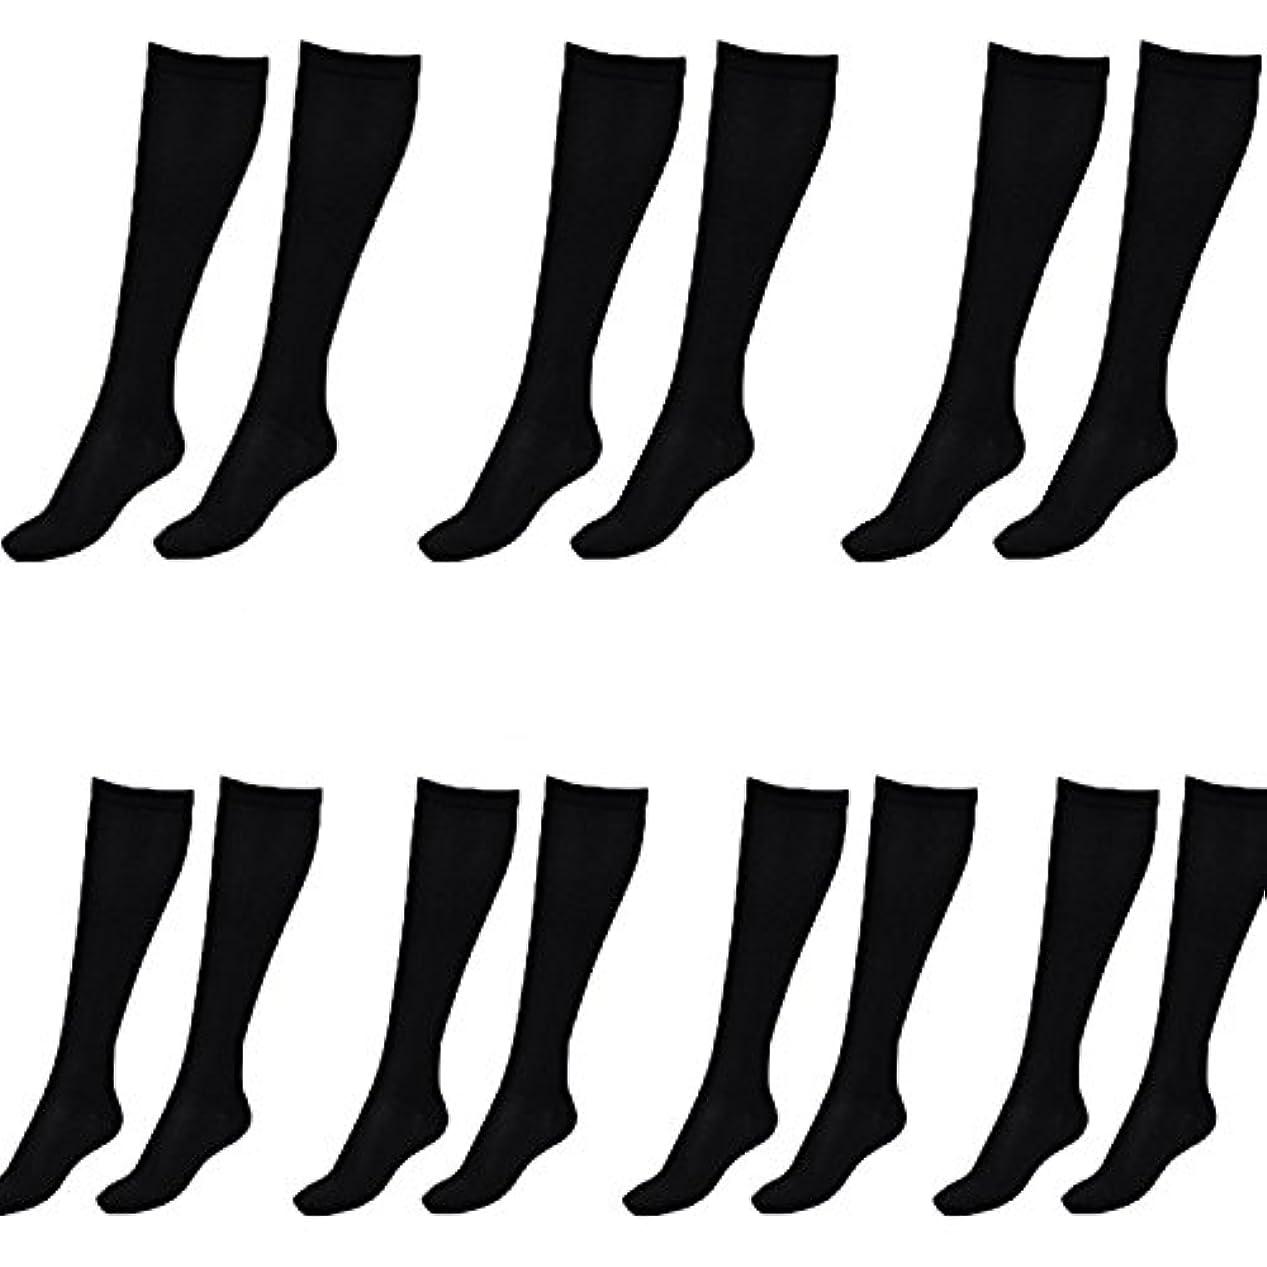 悪化させる一般的な大学美脚X ビキャックス 強圧補正ソックス レディース 7足セット 着圧 ソックス 引き締め 伸縮 靴下